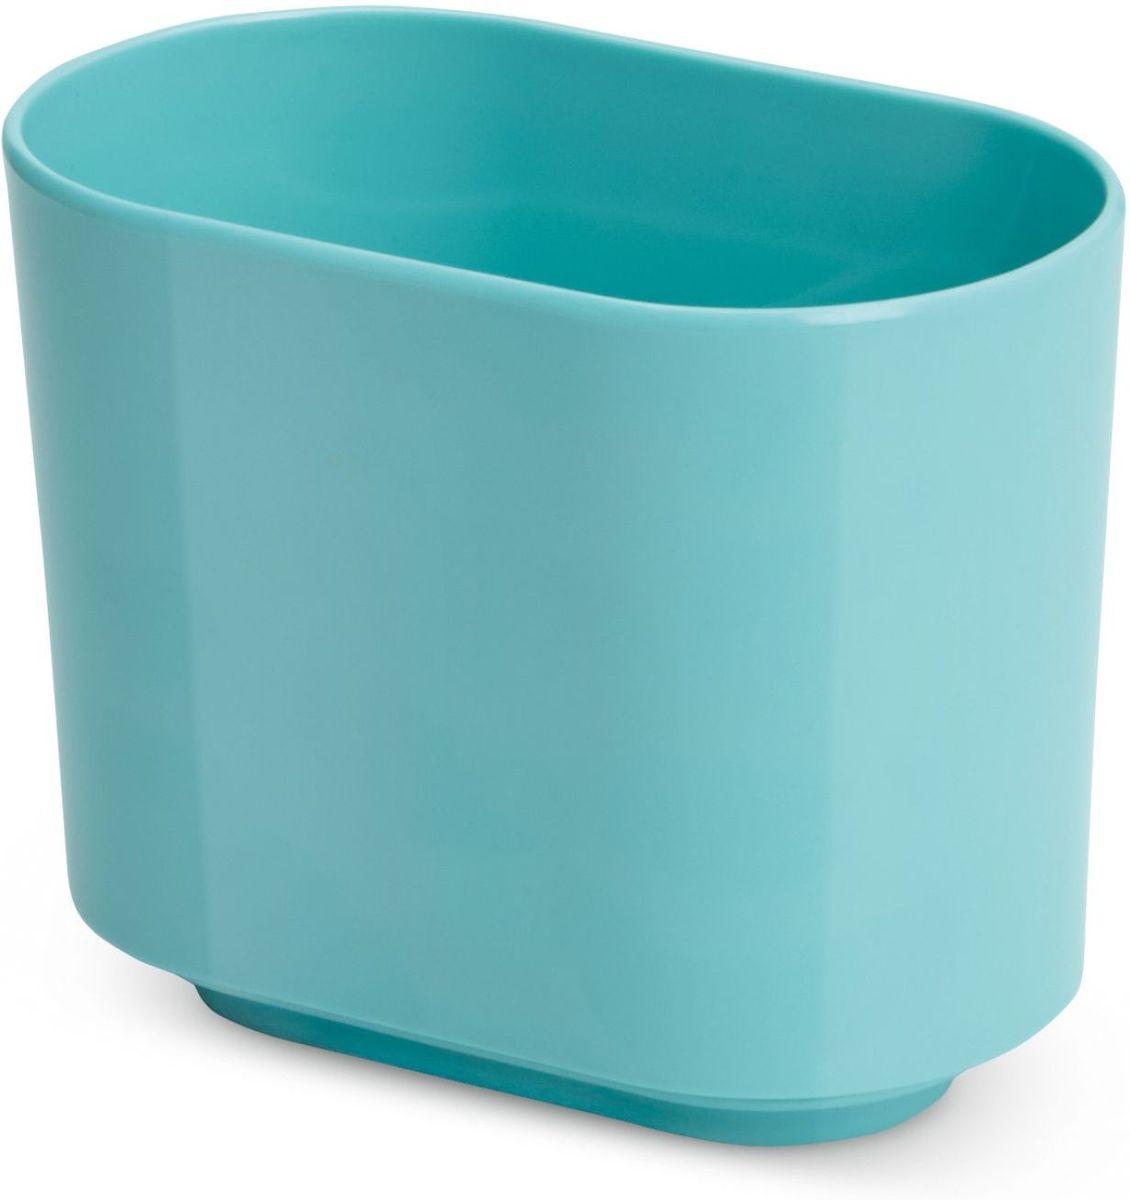 Стакан для зубных щеток Umbra Step, цвет: морская волна, 12,7 х 10,2 х 7 см68/5/3Функциональность подставки для зубных щеток неоспорима - где же еще их хранить. А вот как насчет дизайна? В Umbra уверены: такой простой и ежедневно используемый предмет должен выглядеть лаконично, но необычно. Ведь в небольшой ванной комнате не должно быть ничего вызывающе яркого. Немного экспериментировав с формой, дизайнеры создали подставку Step, которая придется кстати в любом доме и вместит зубные щетки всех членов семьи.